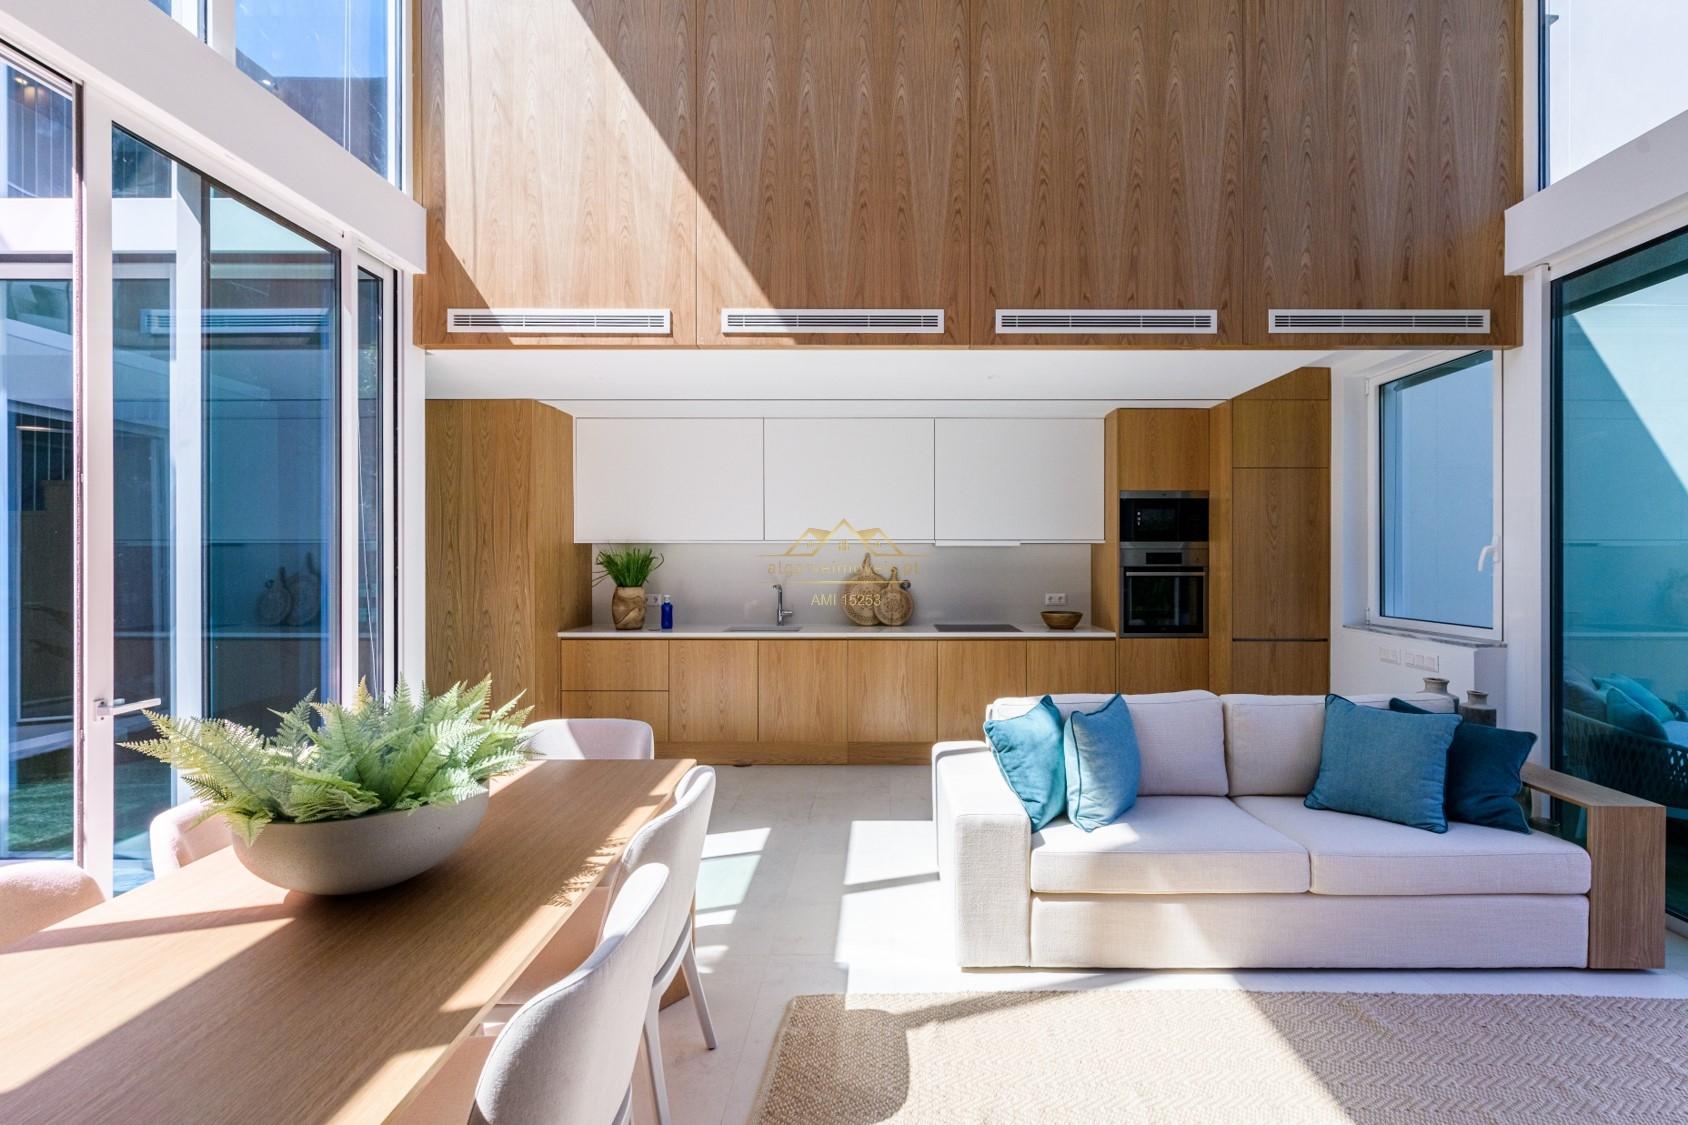 Villa de luxe de 4 chambres en construction Vilamoura